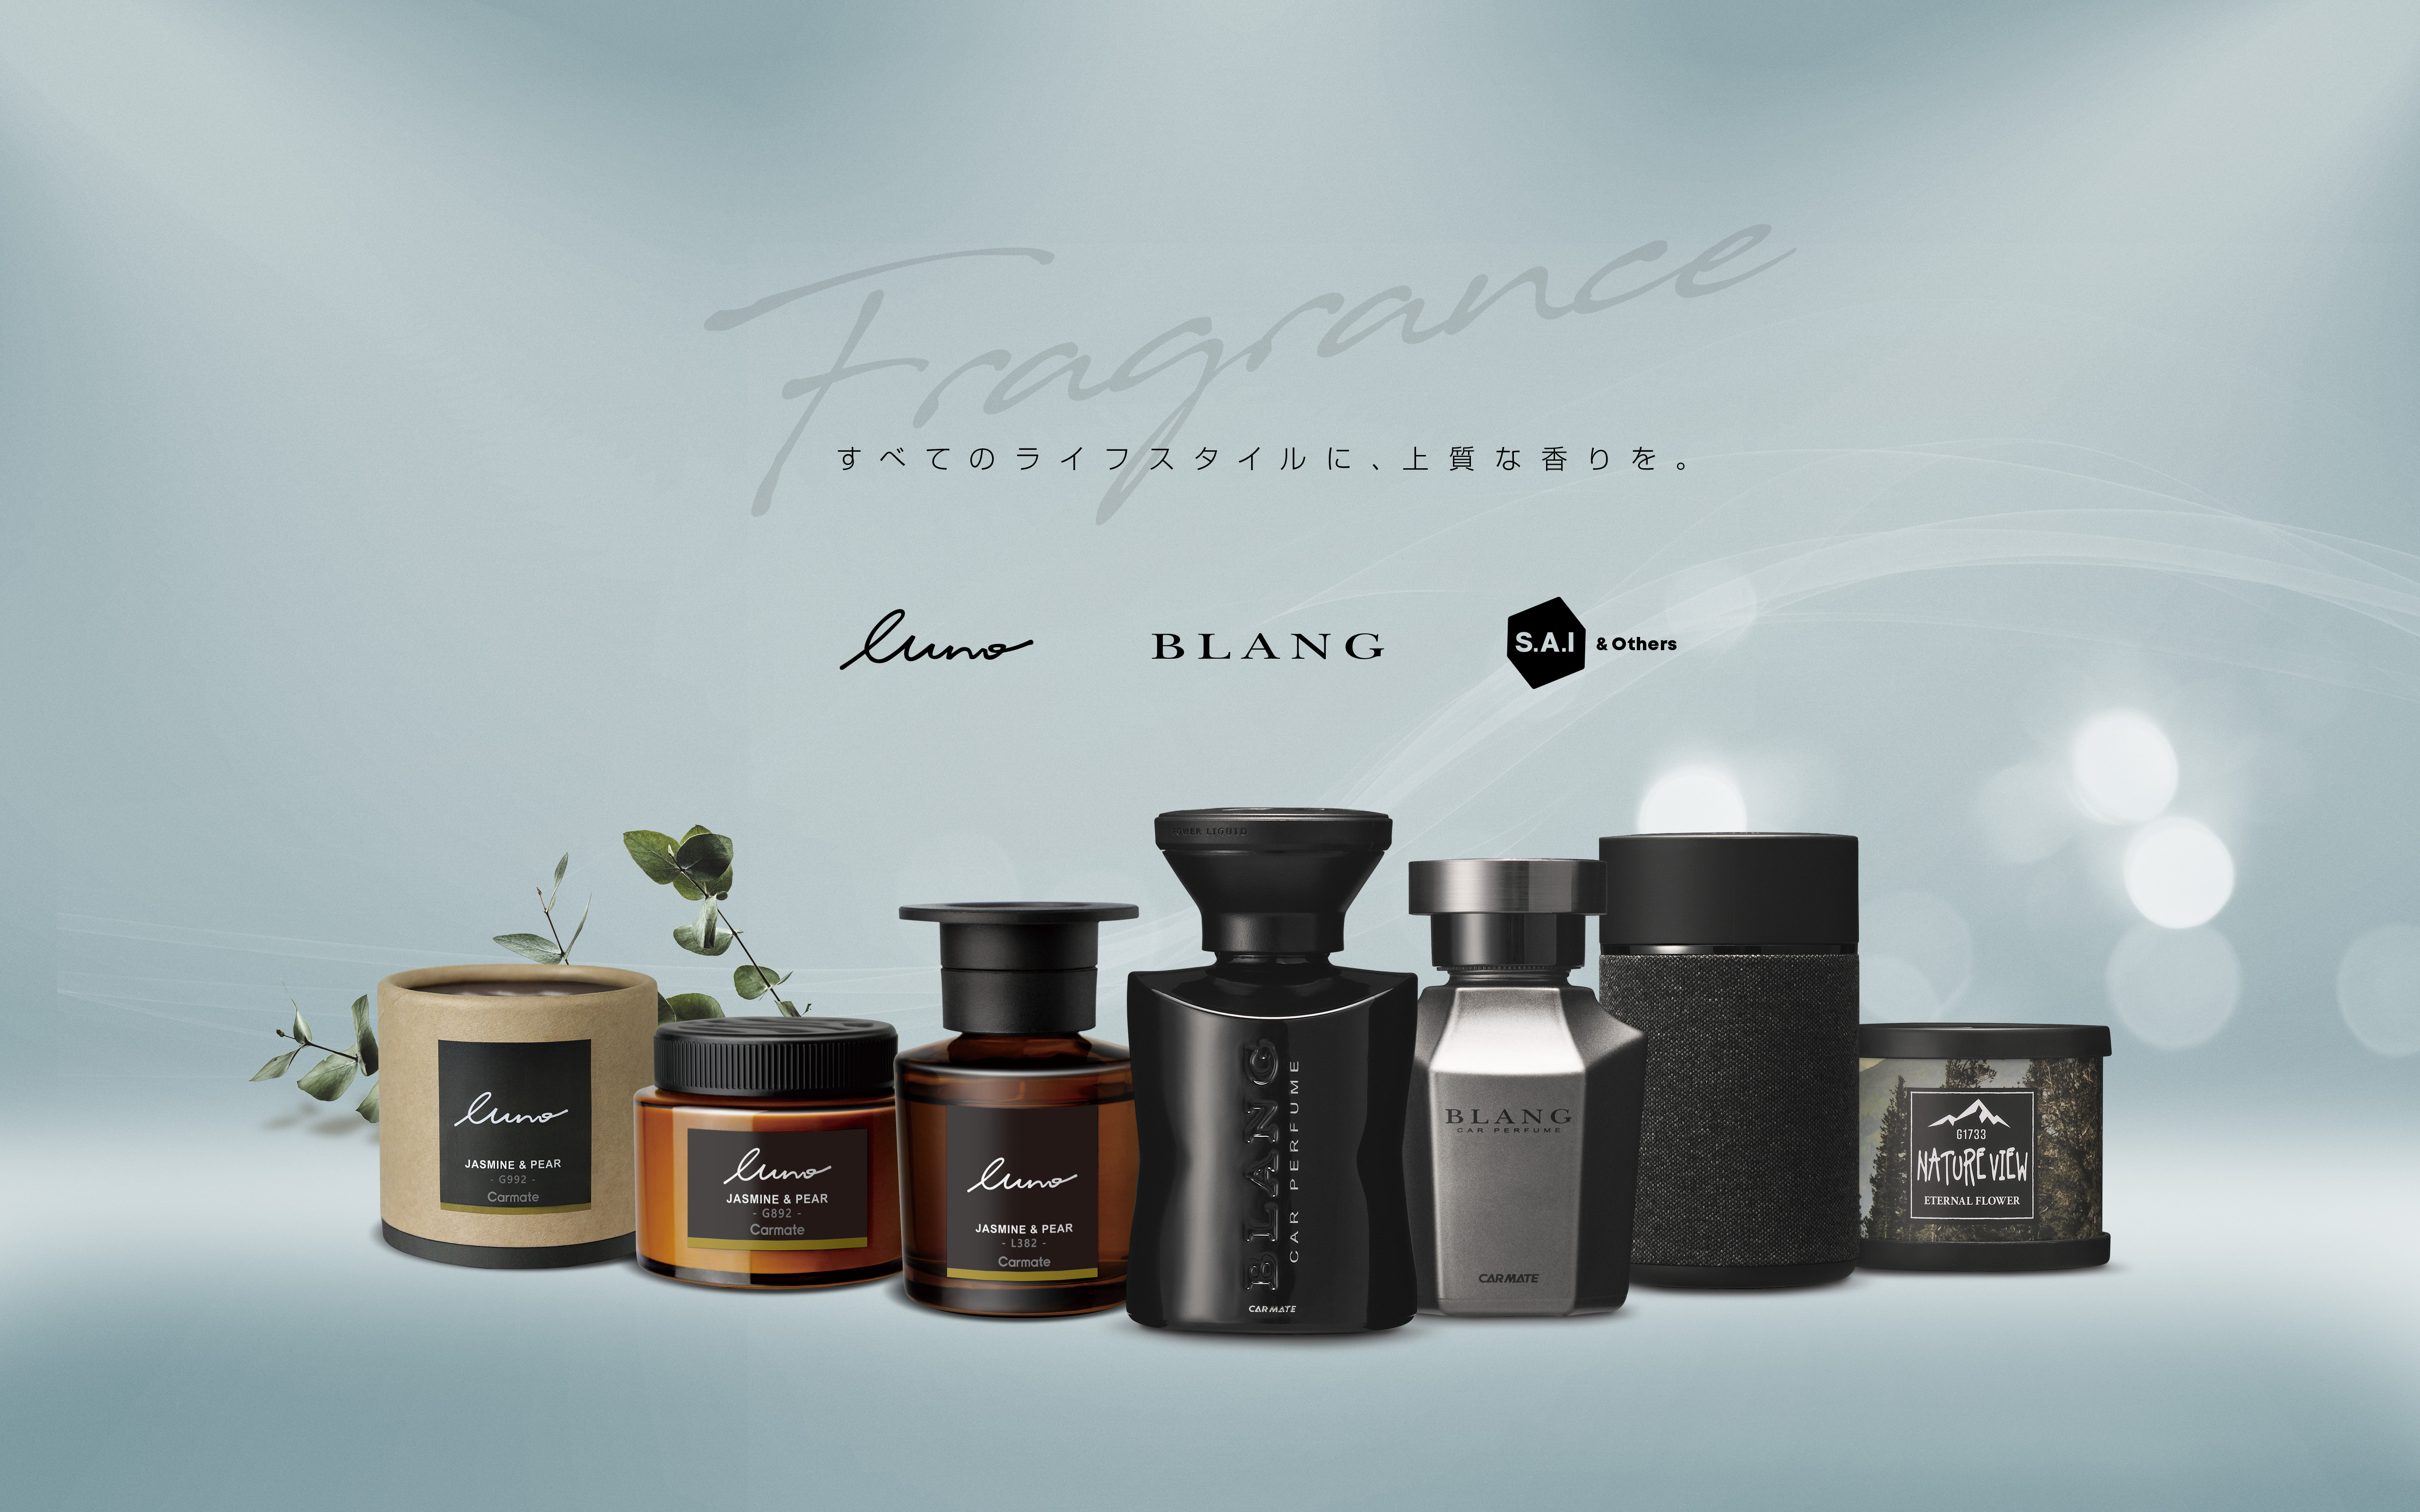 カーメイト 芳香剤ブランド・シリーズのポータルサイトへご案内いたします